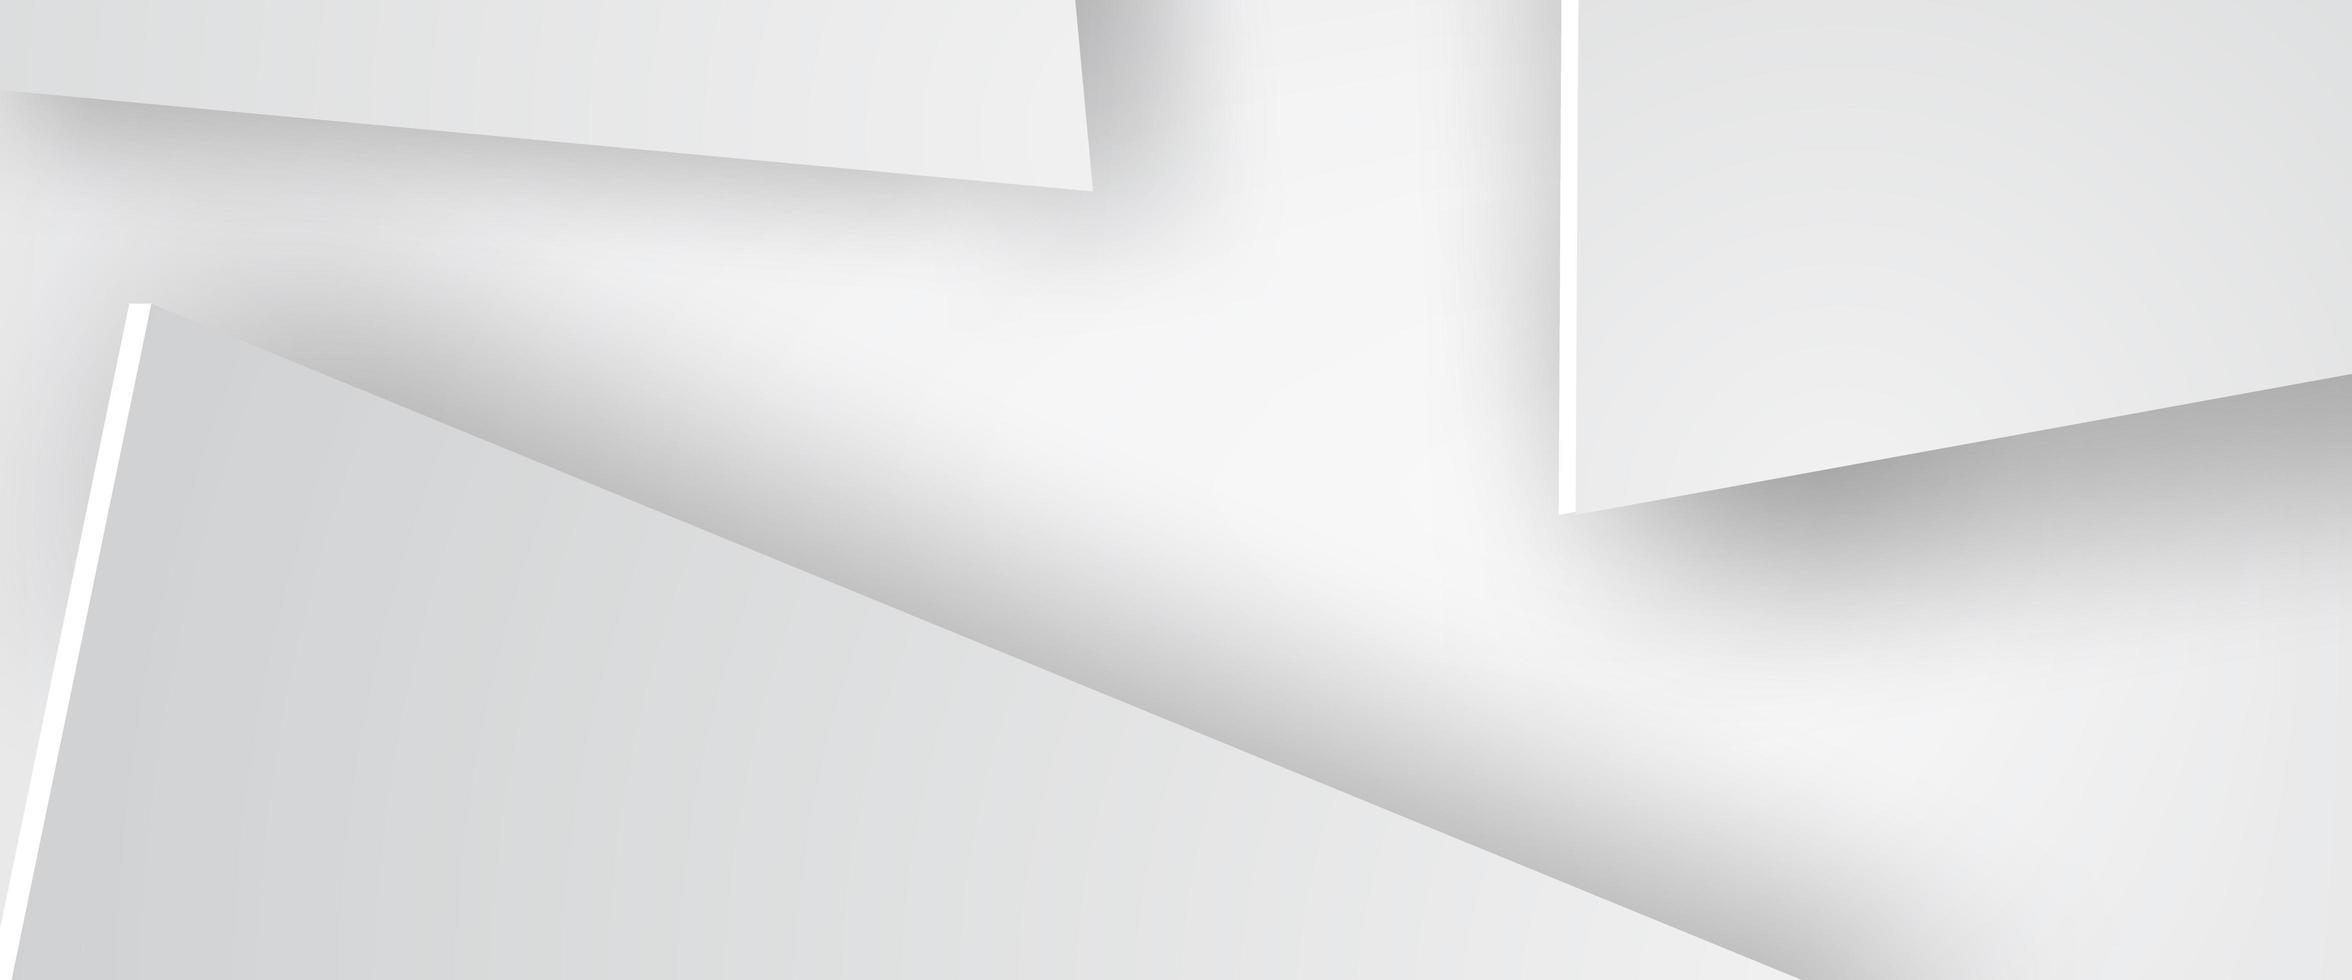 papier kunst van driehoek witte achtergrond vector